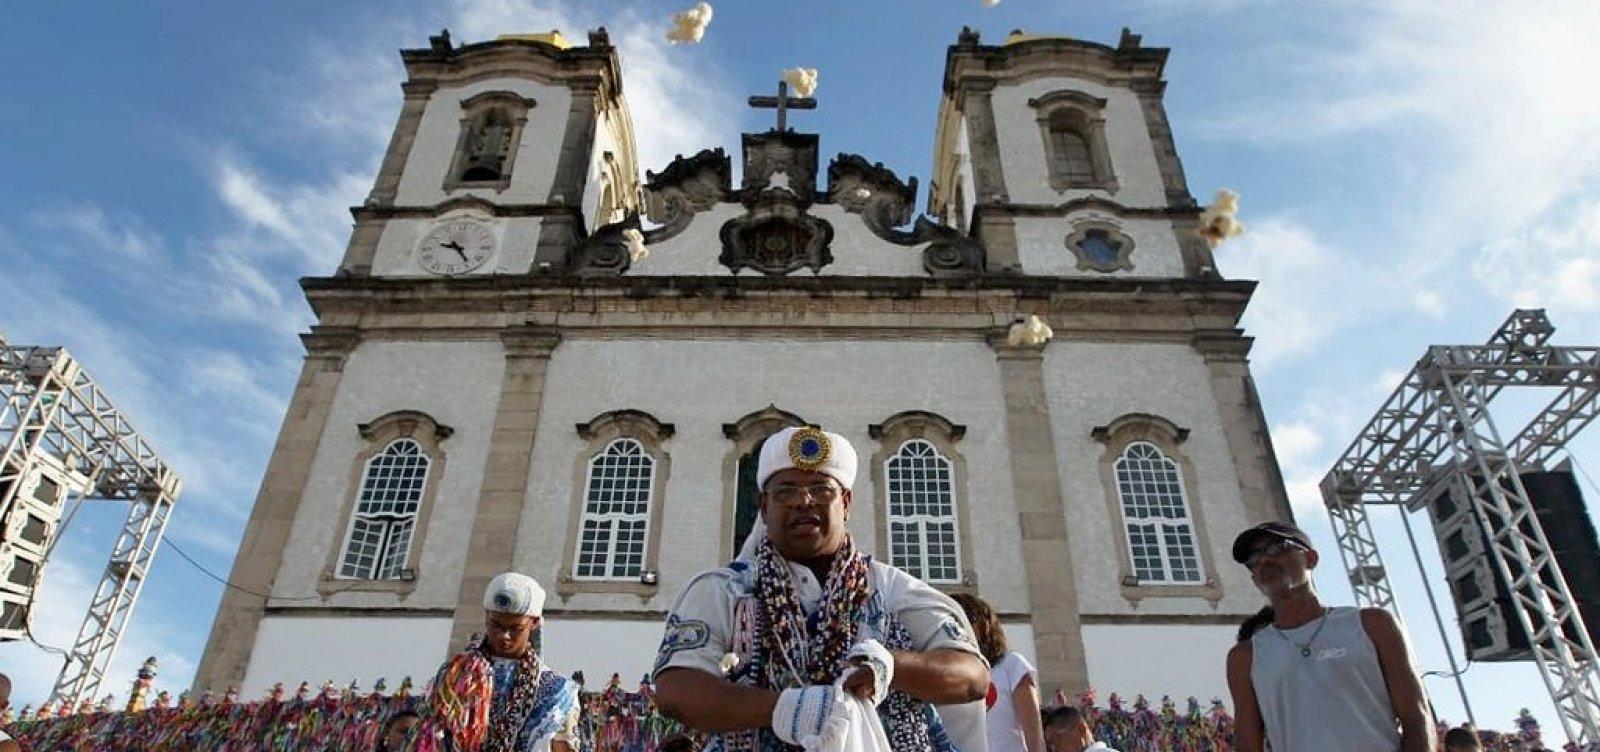 [Disputa por espaço entre católicos e candomblecistas no Bonfim é mediada pelo MP]